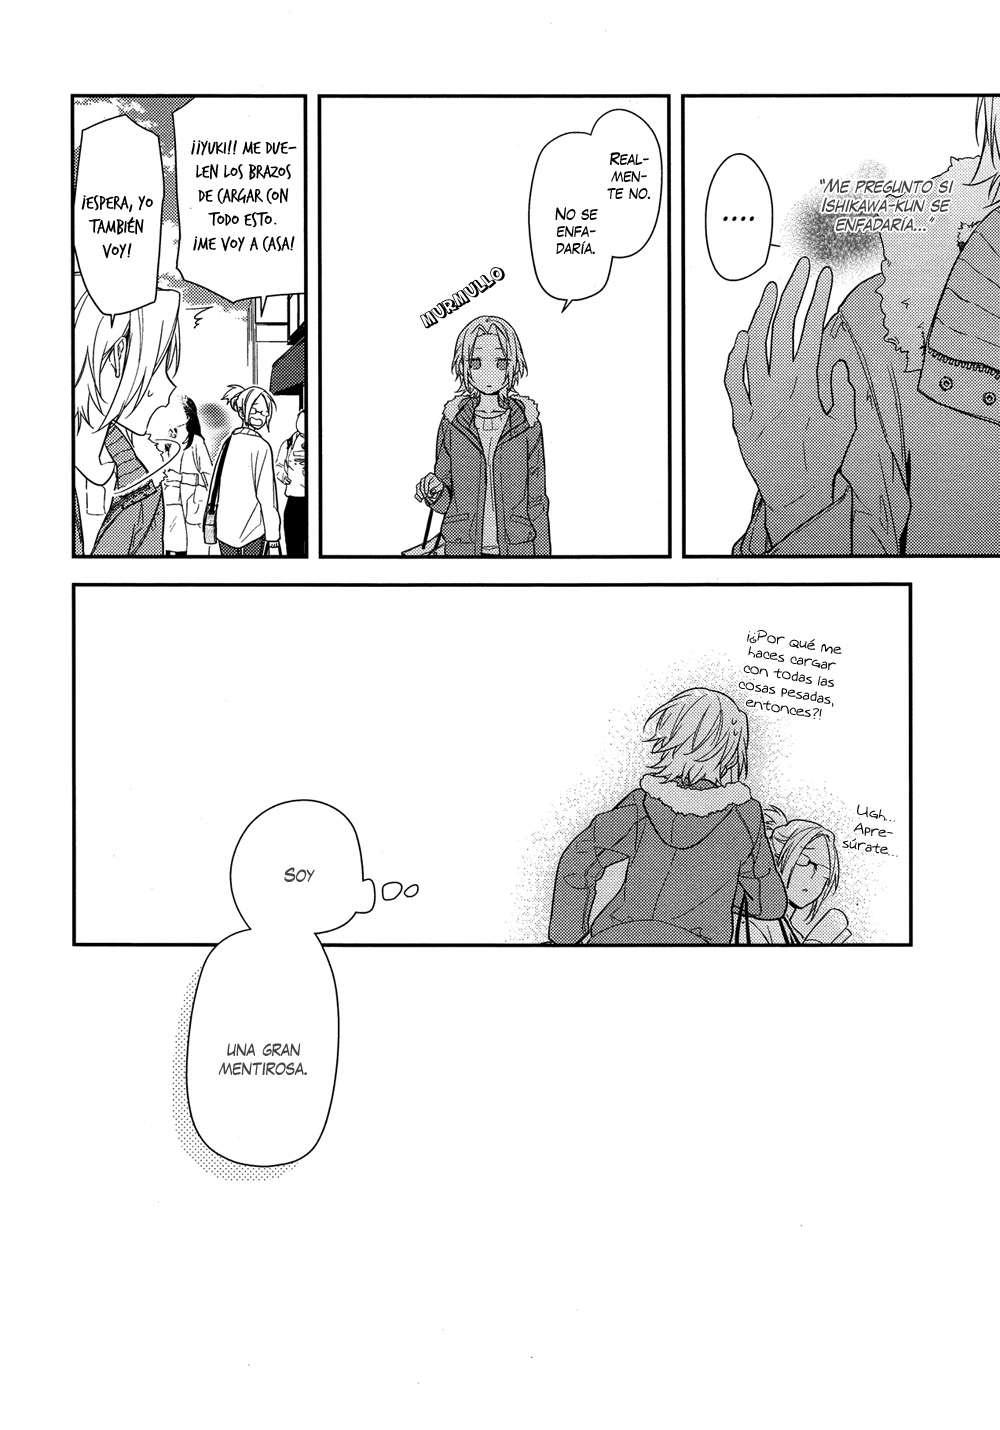 http://c5.ninemanga.com/es_manga/19/1043/434711/e77a9fb98aff982b63dd7ef951ca0ba9.jpg Page 5